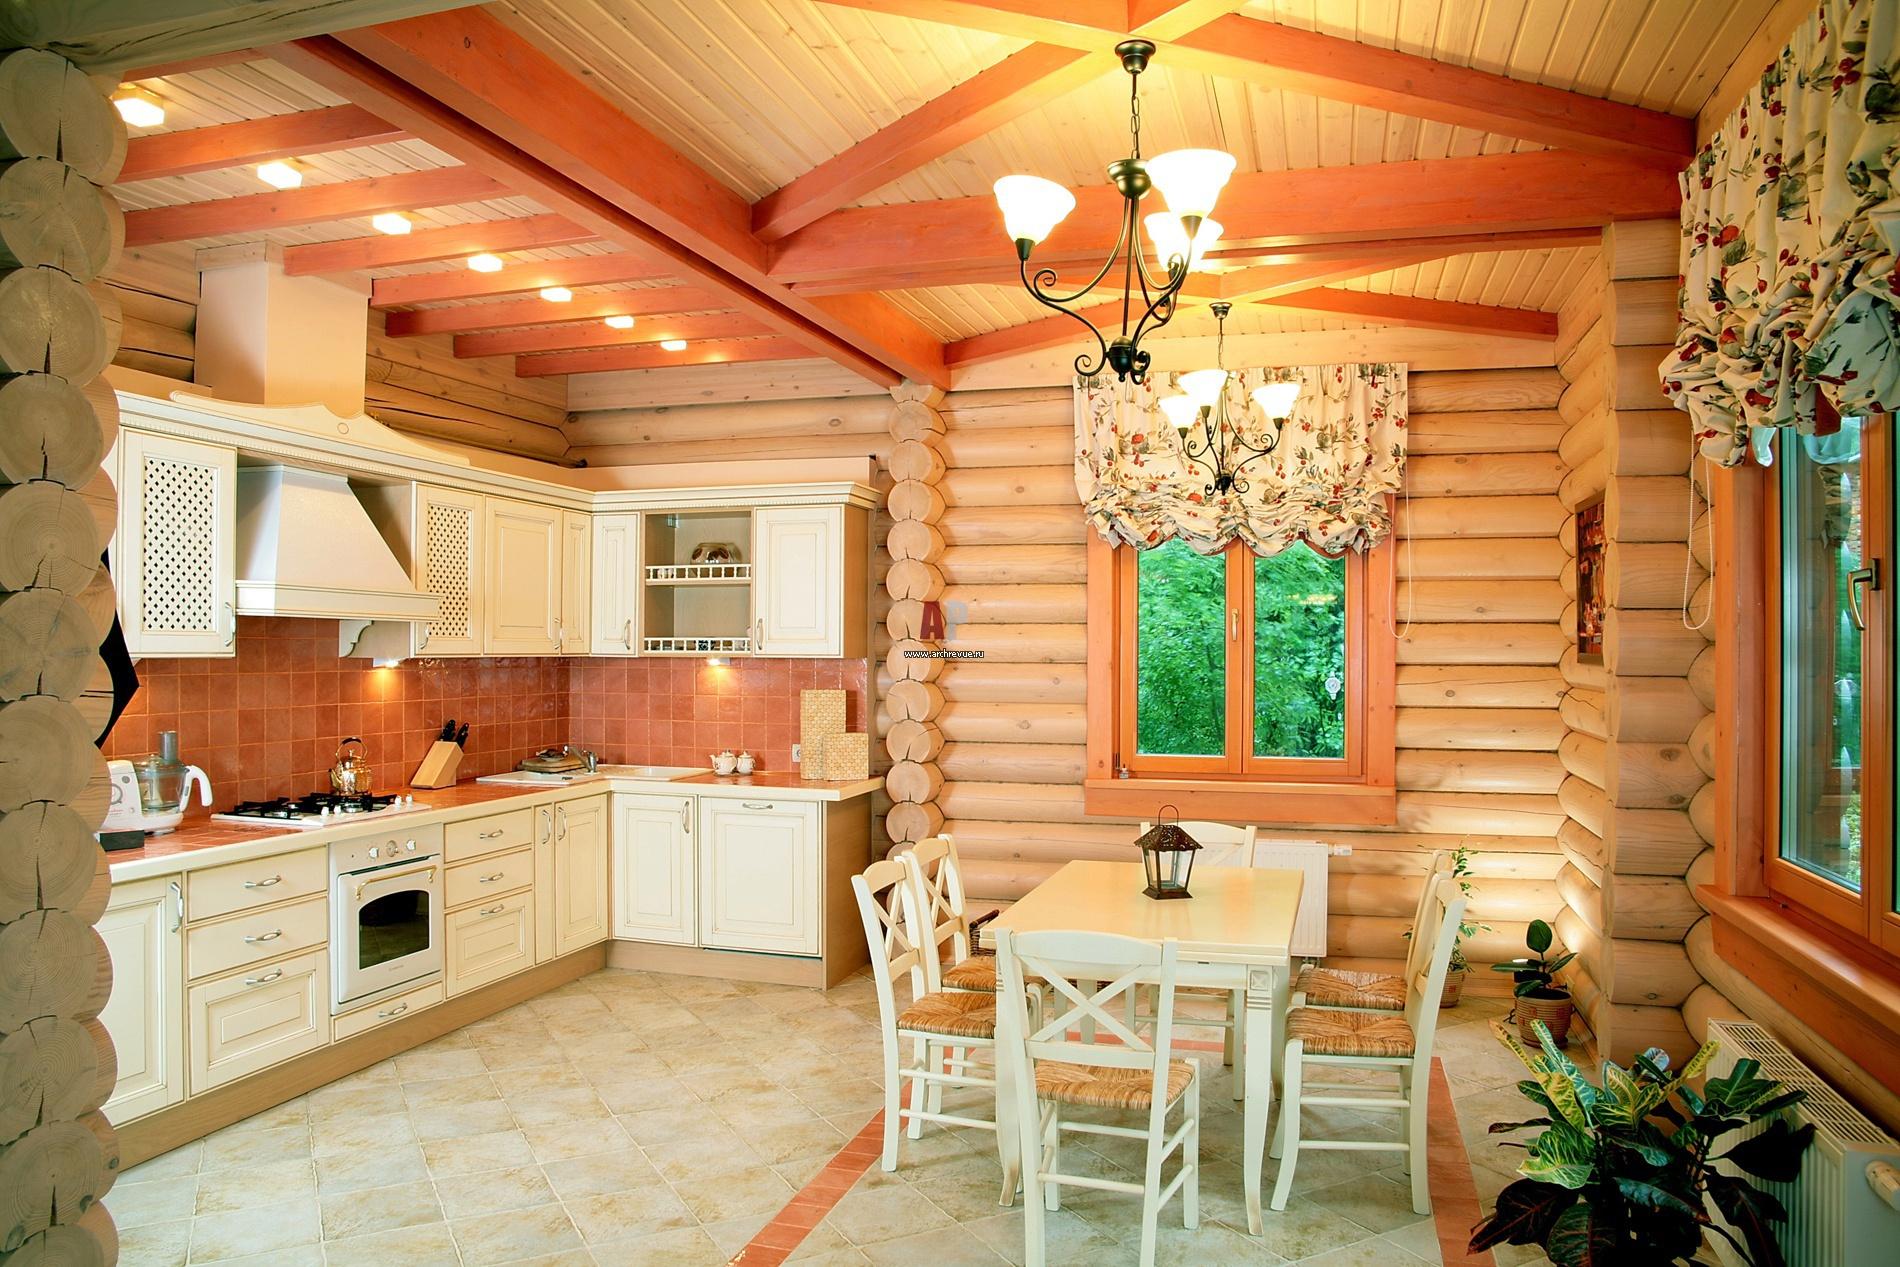 Кухни в деревянном доме интерьеры фото